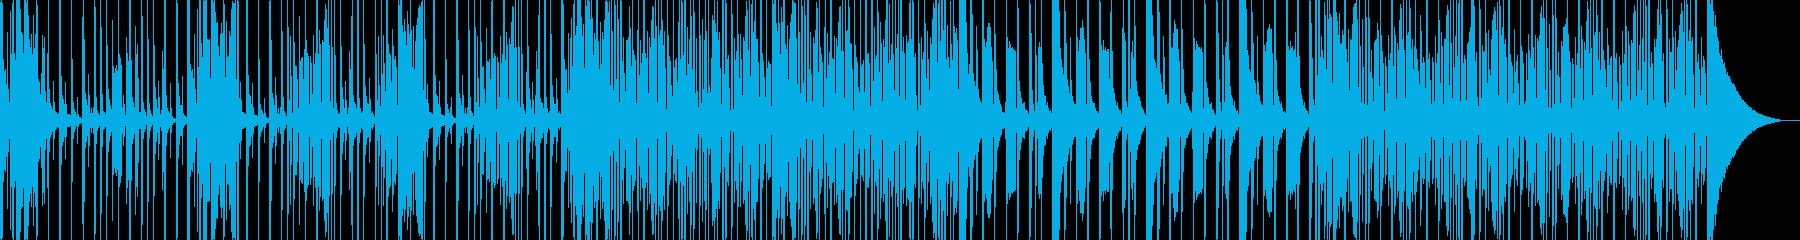 スラップベース主軸なファンキーな曲の再生済みの波形